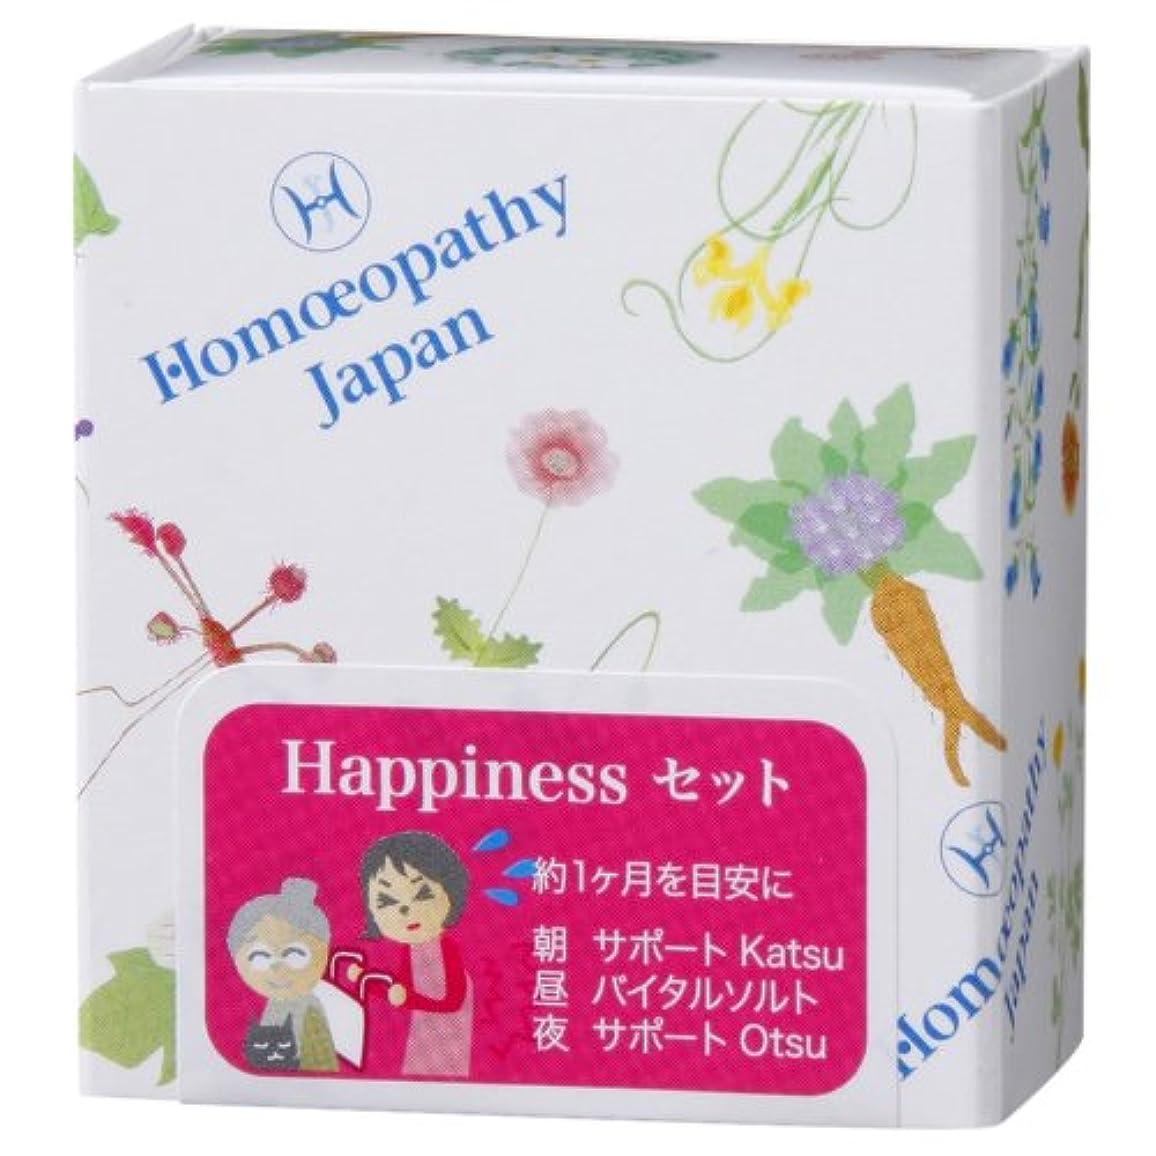 オートメーション要旨センターホメオパシージャパンレメディー Happinessセット